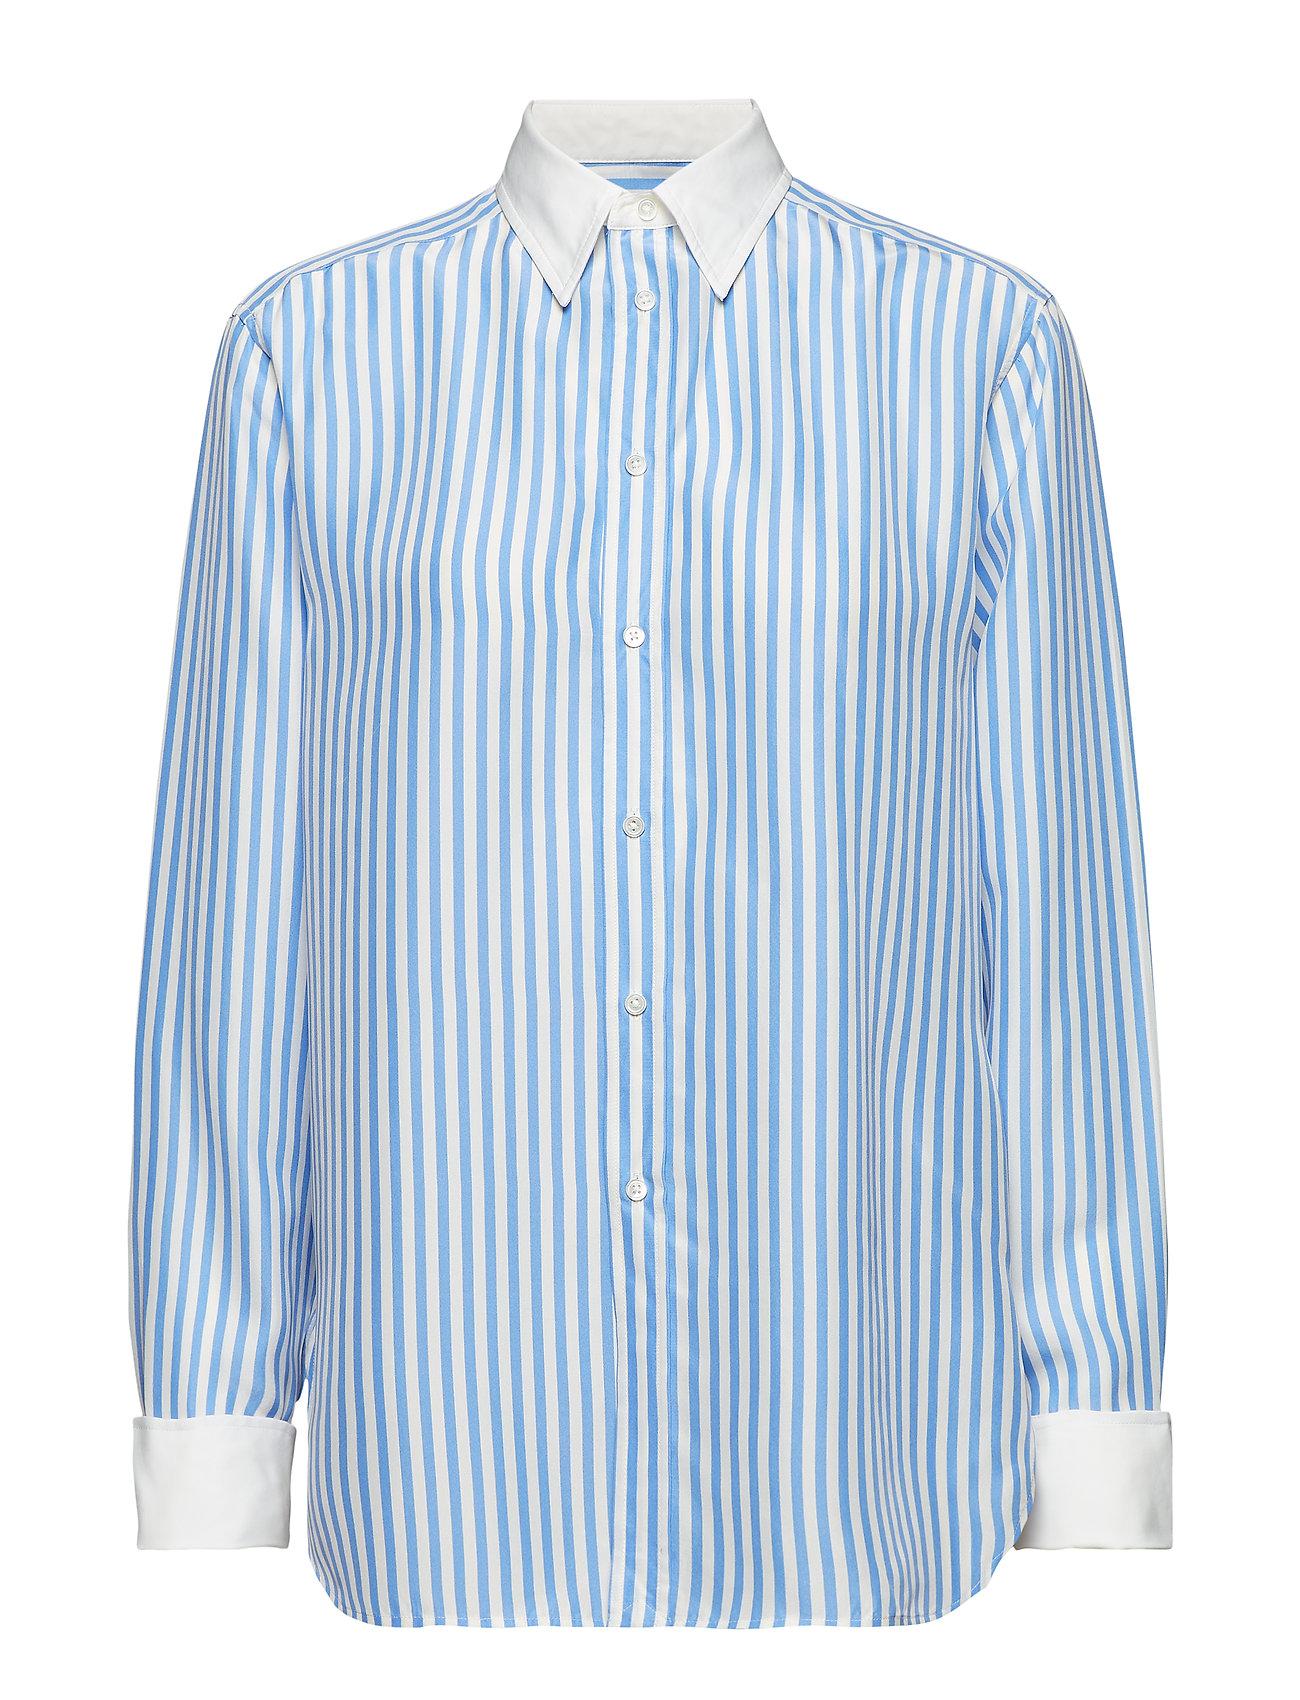 Polo Ralph Lauren PRNTD SLK BRDCLTH-LSL-SHT - 101B AUSTIN BLUE/